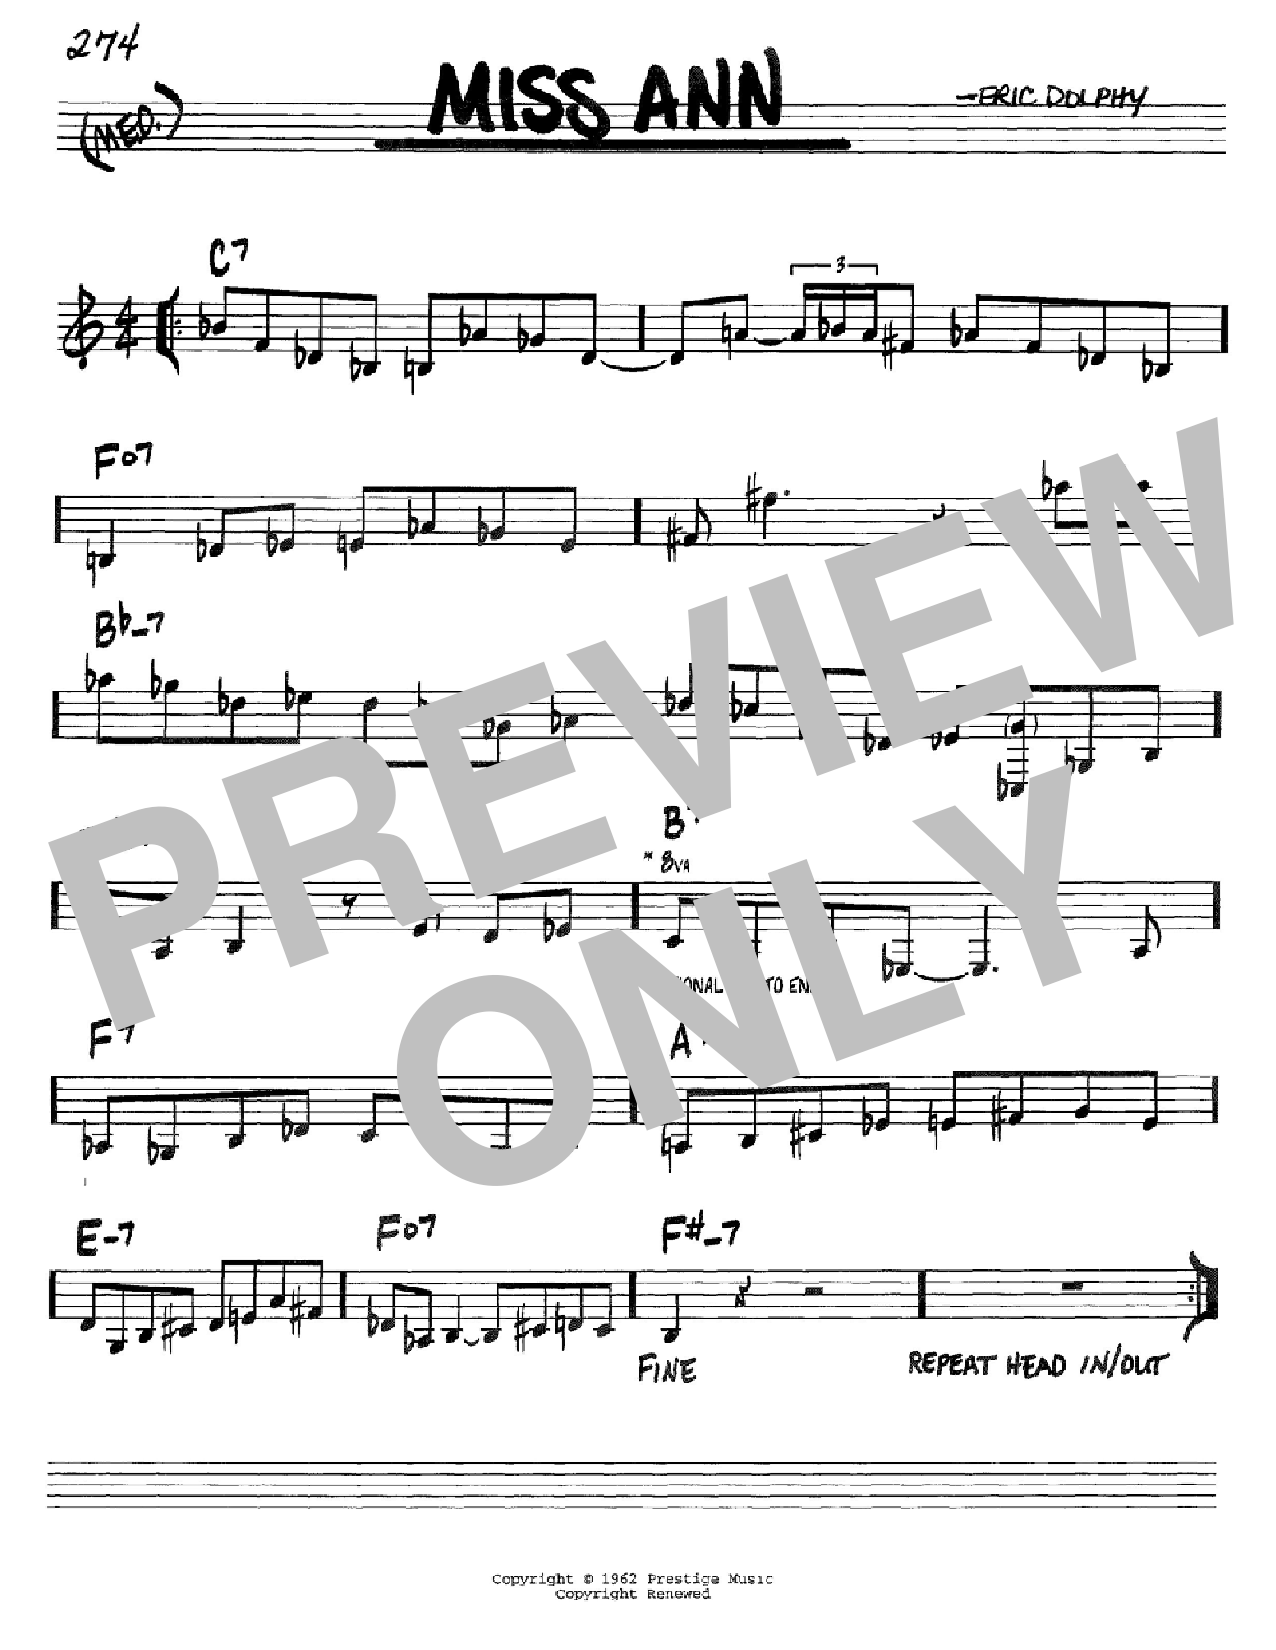 Partition autre Miss Ann de Eric Dolphy - Real Book, Melodie et Accords, Inst. En Do